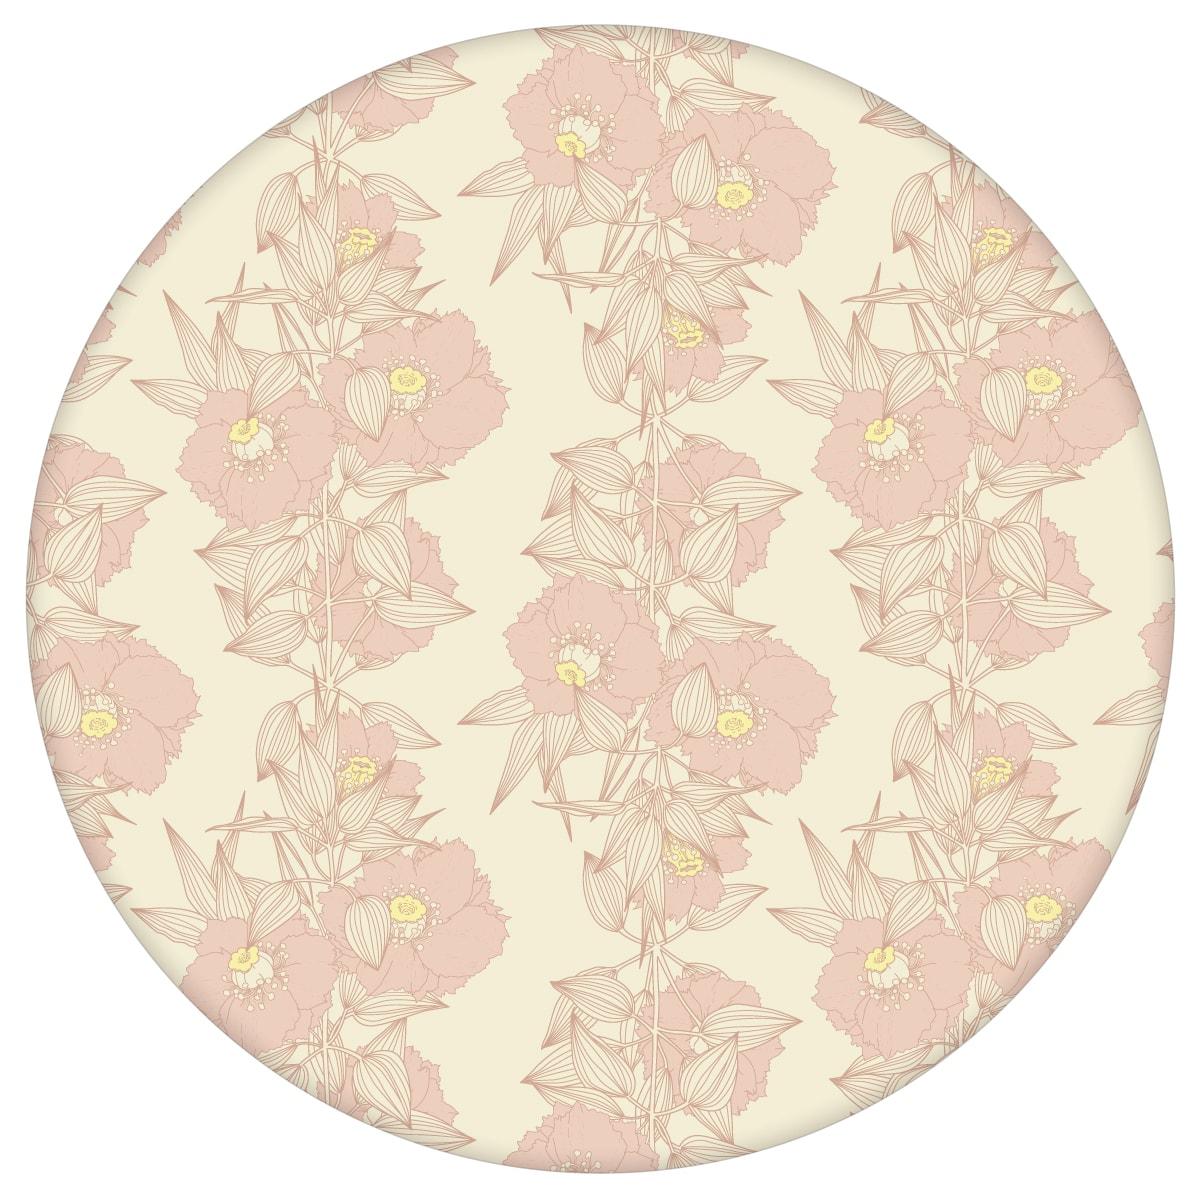 Blüten Ranken Blumentapete Garten Eden in rosa - Design Tapete für Flur, Büro aus den Tapeten Neuheiten Blumentapeten und Borten als Naturaltouch Luxus Vliestapete oder Basic Vliestapete